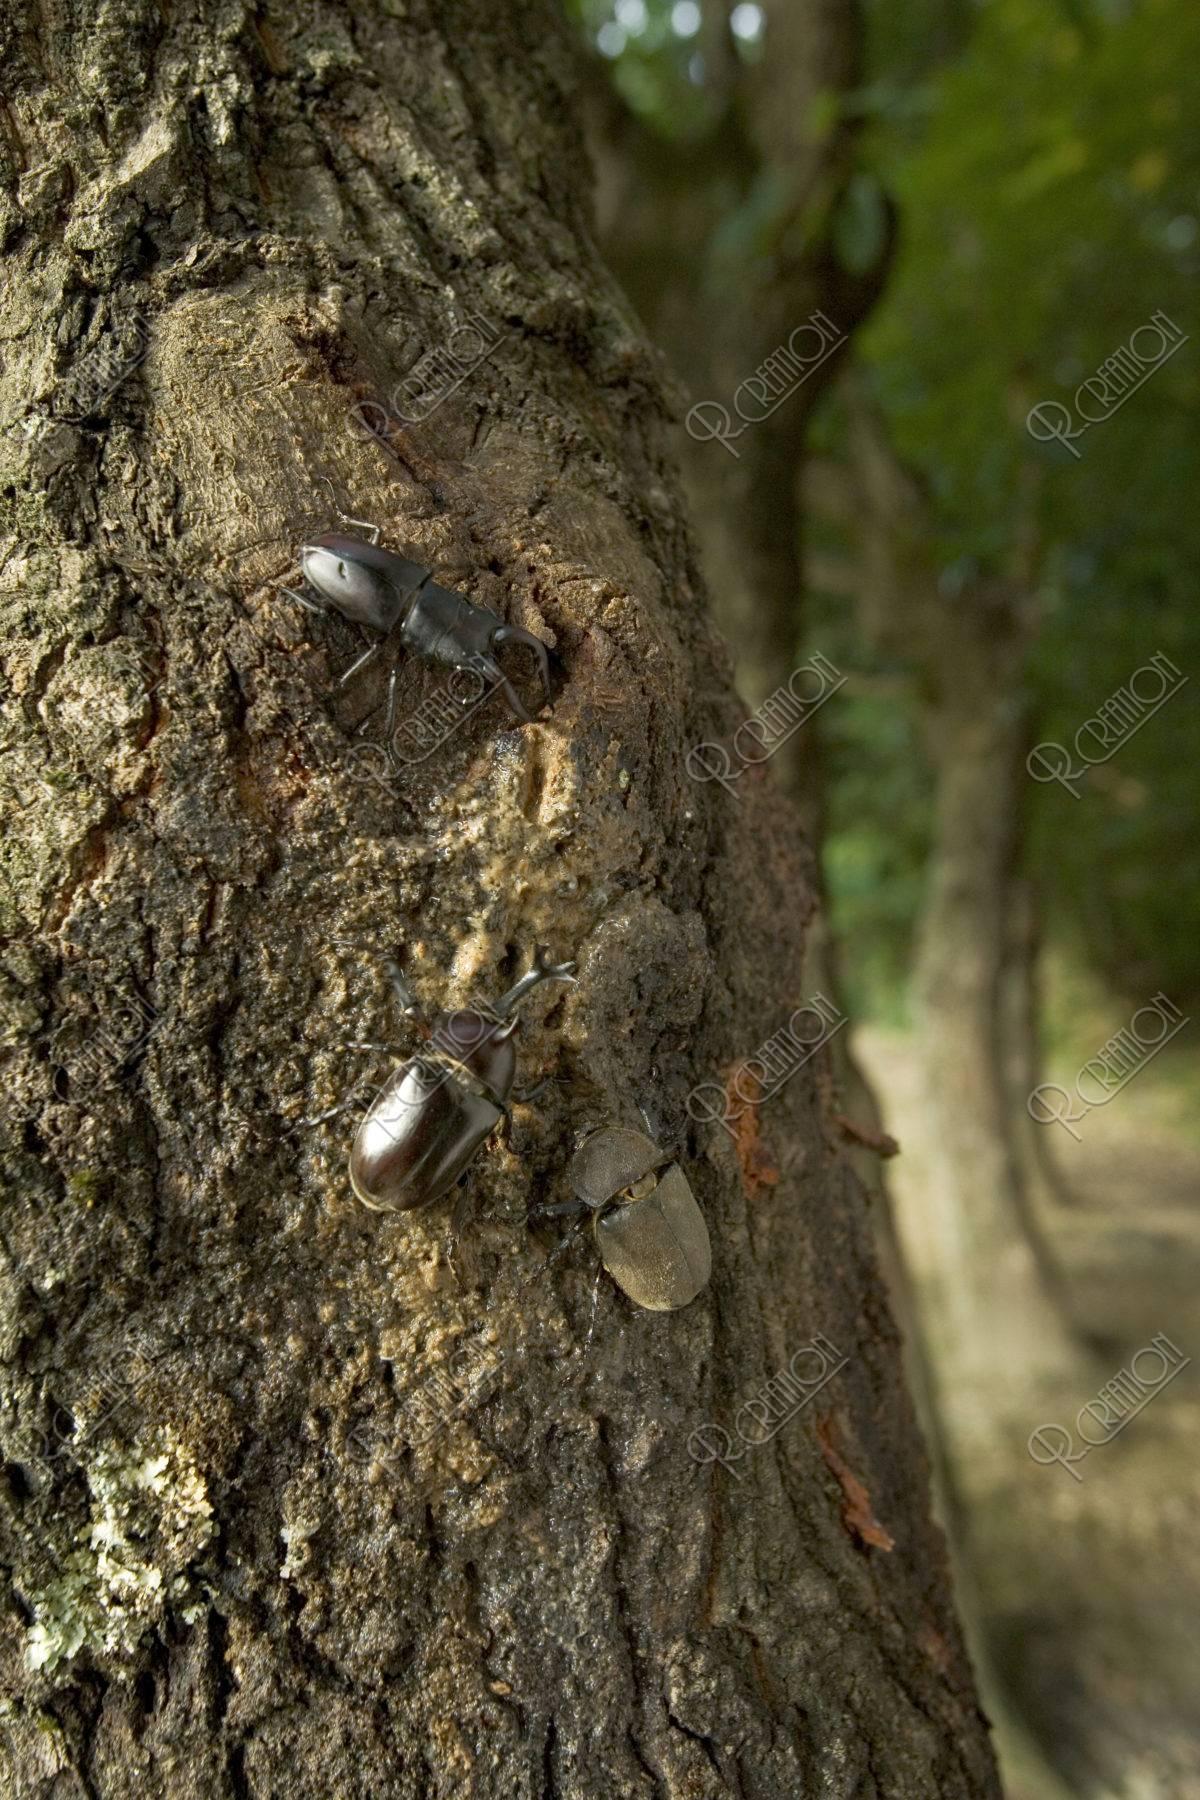 ノコギリクワガタとカブトムシ